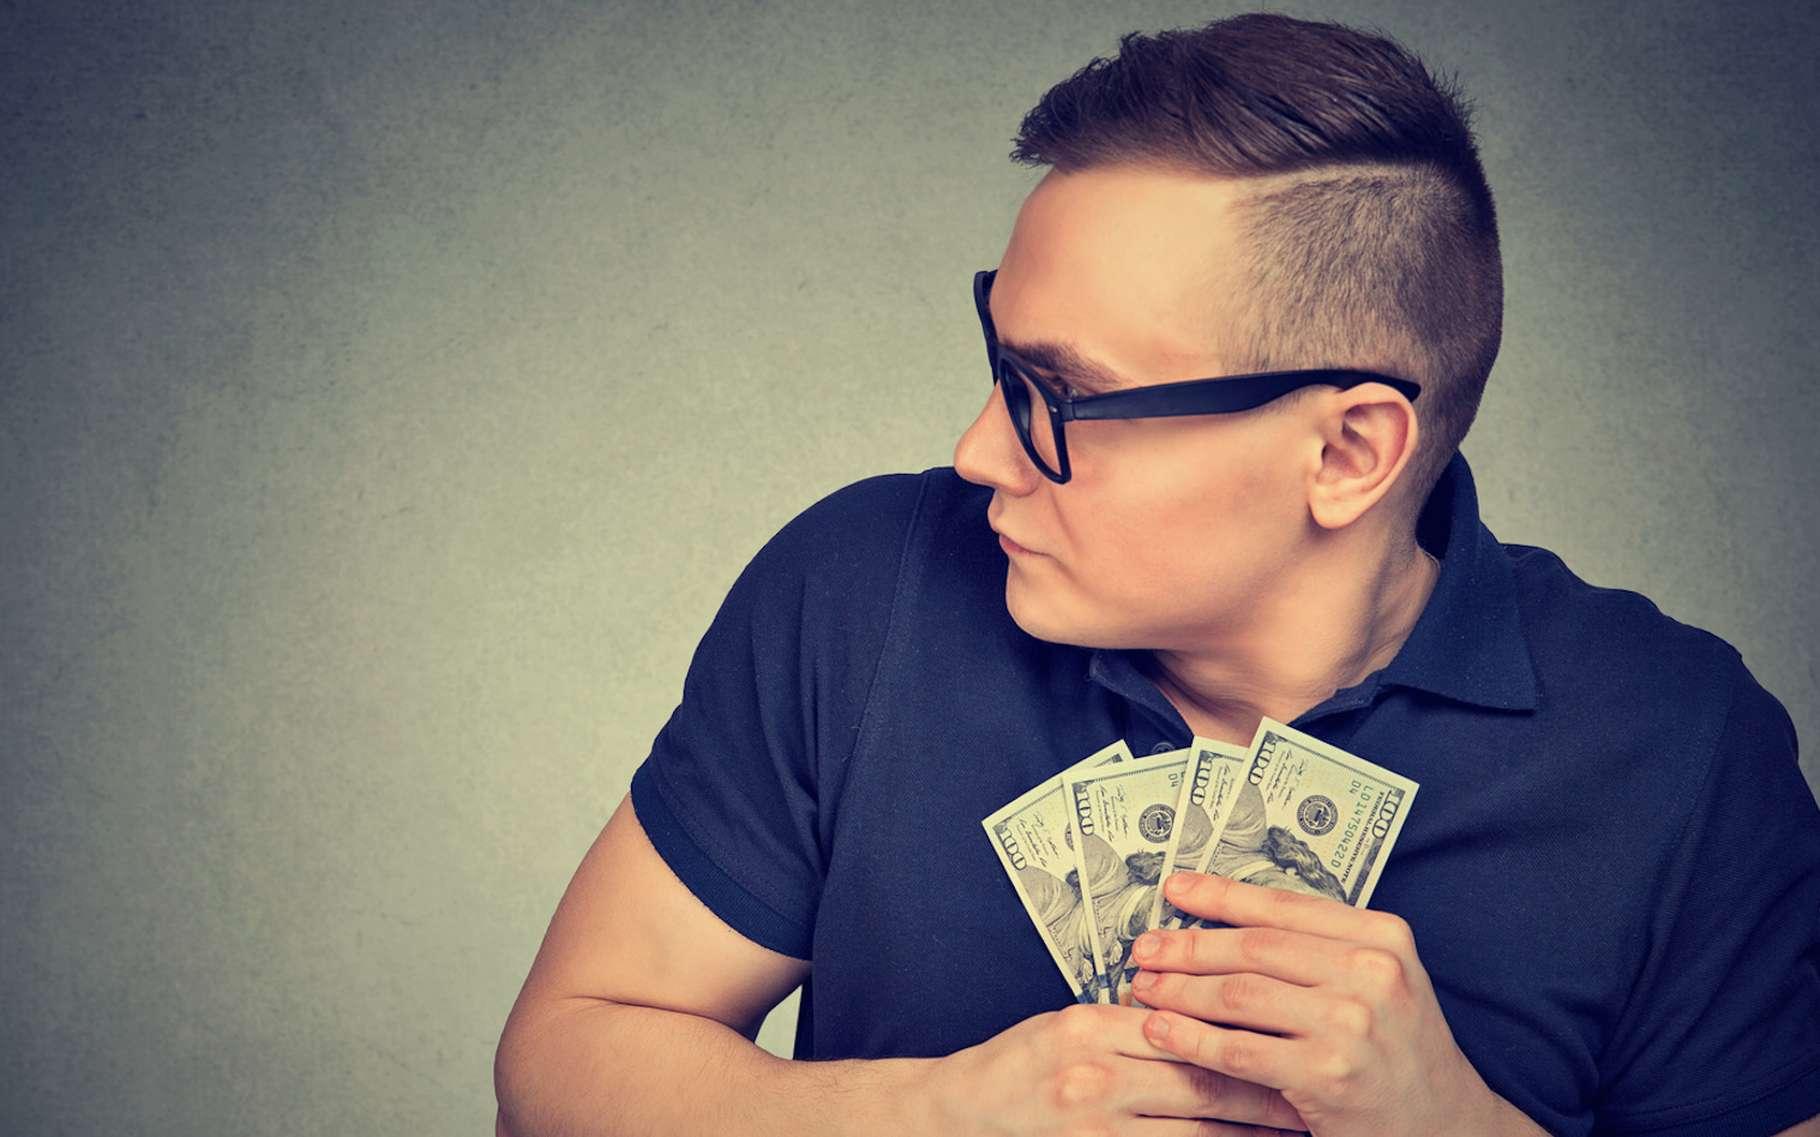 Pour l'avare, l'argent est une fin. L'avarice doit-elle pour autant être considérée comme un péché et un péché capital qui plus est? © Feodora, Fotolia